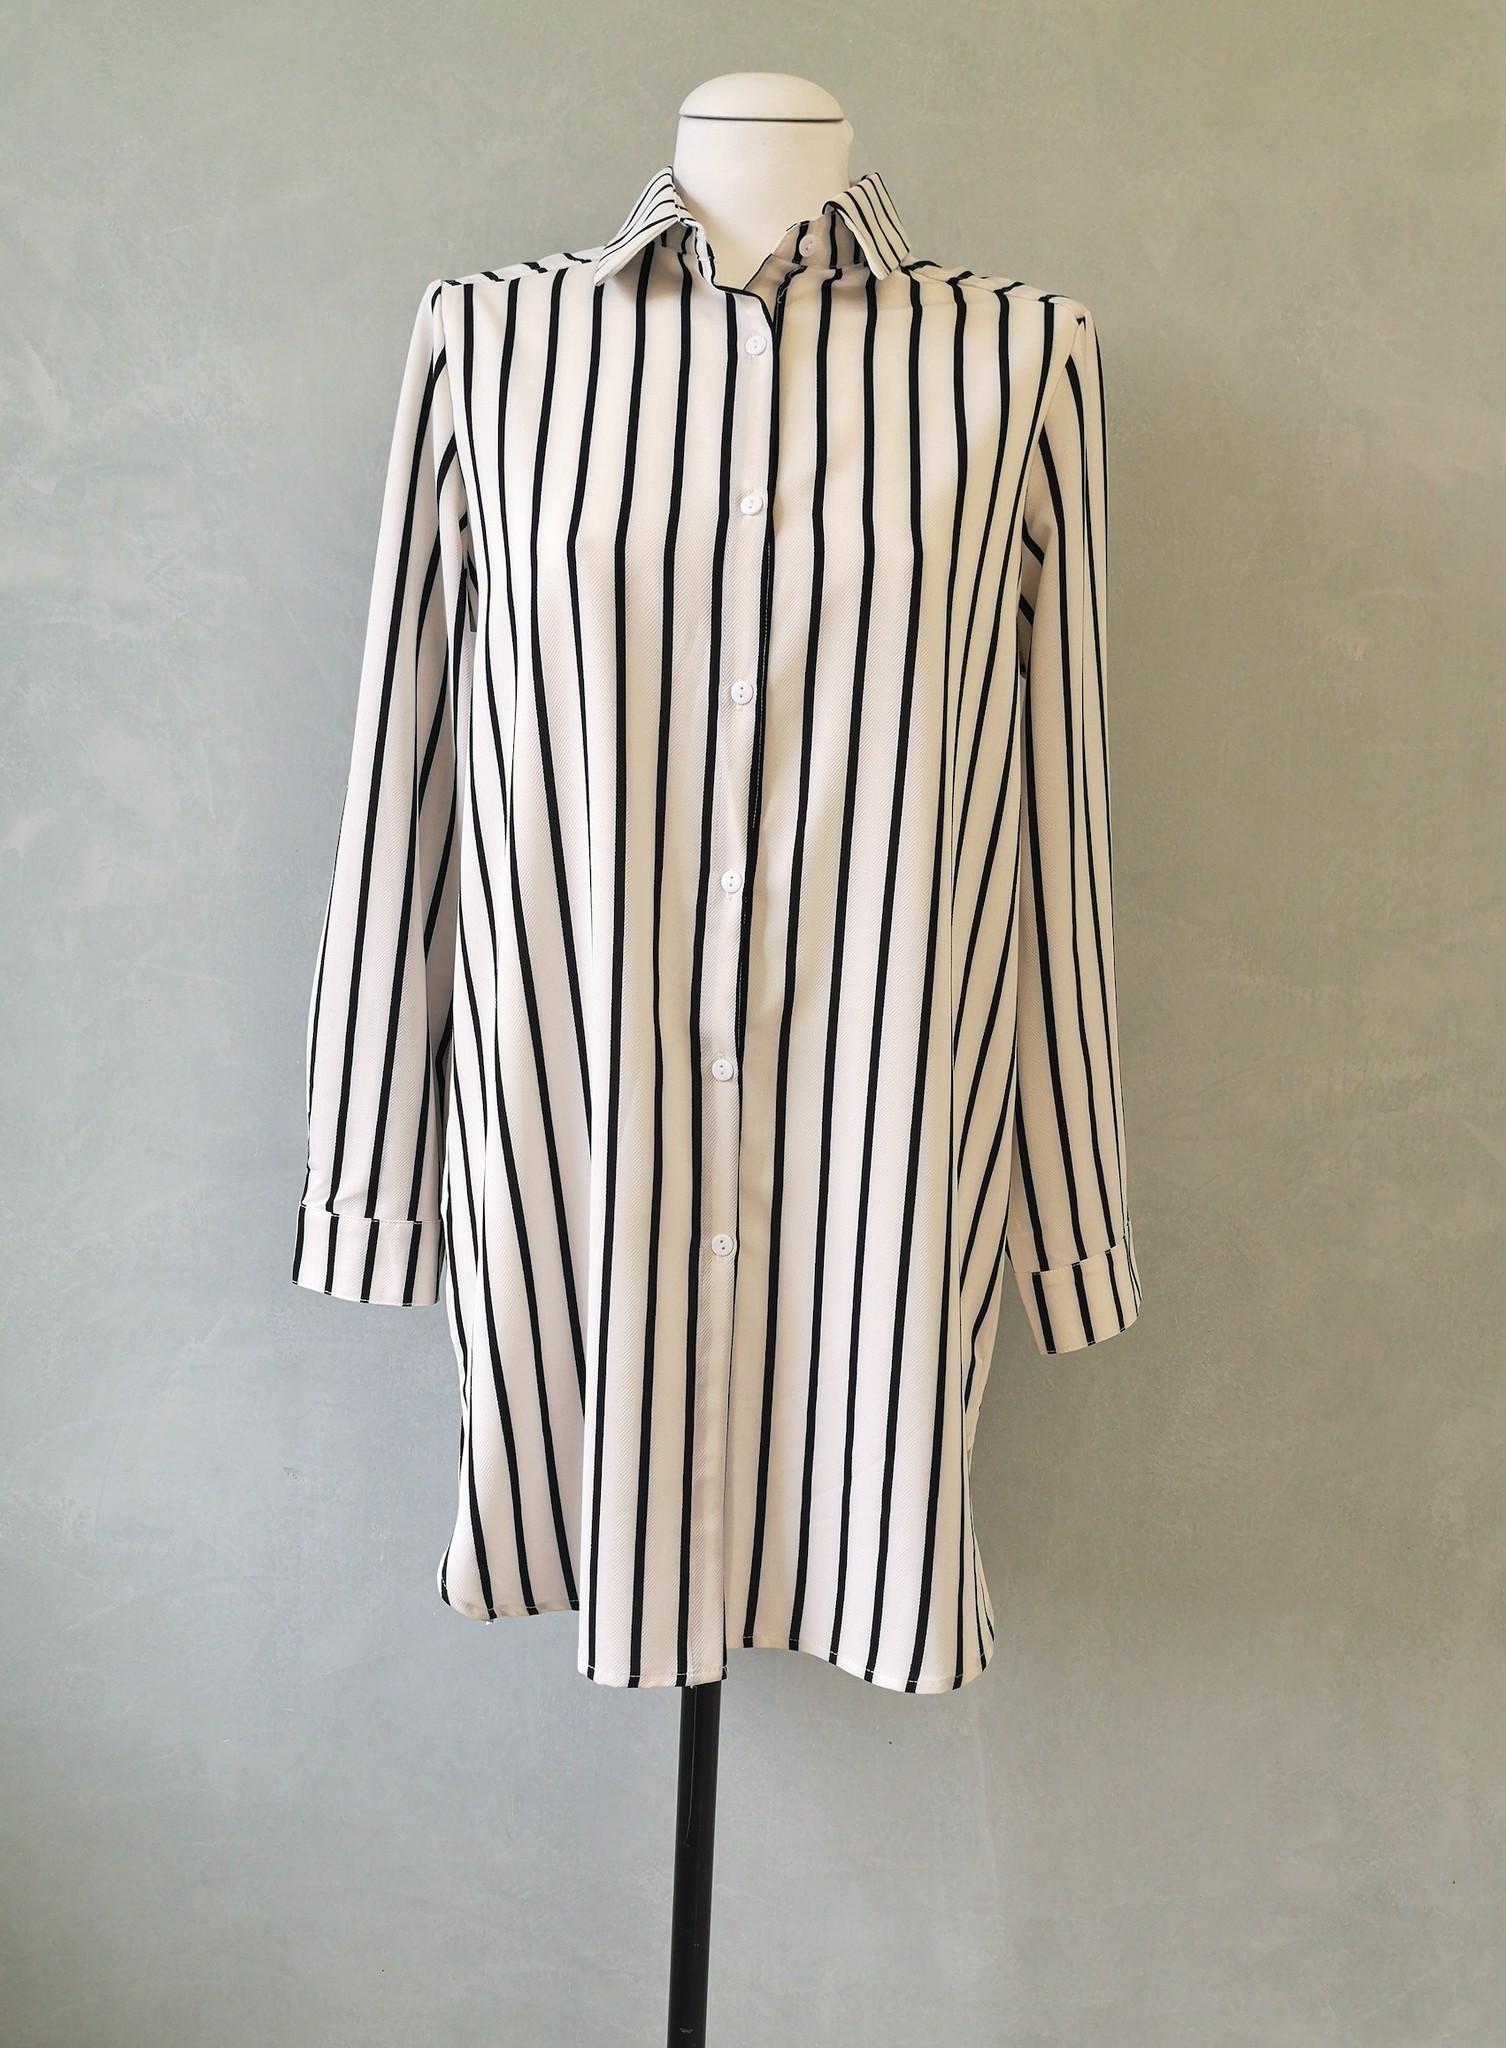 shirt Chiavari white - Copy